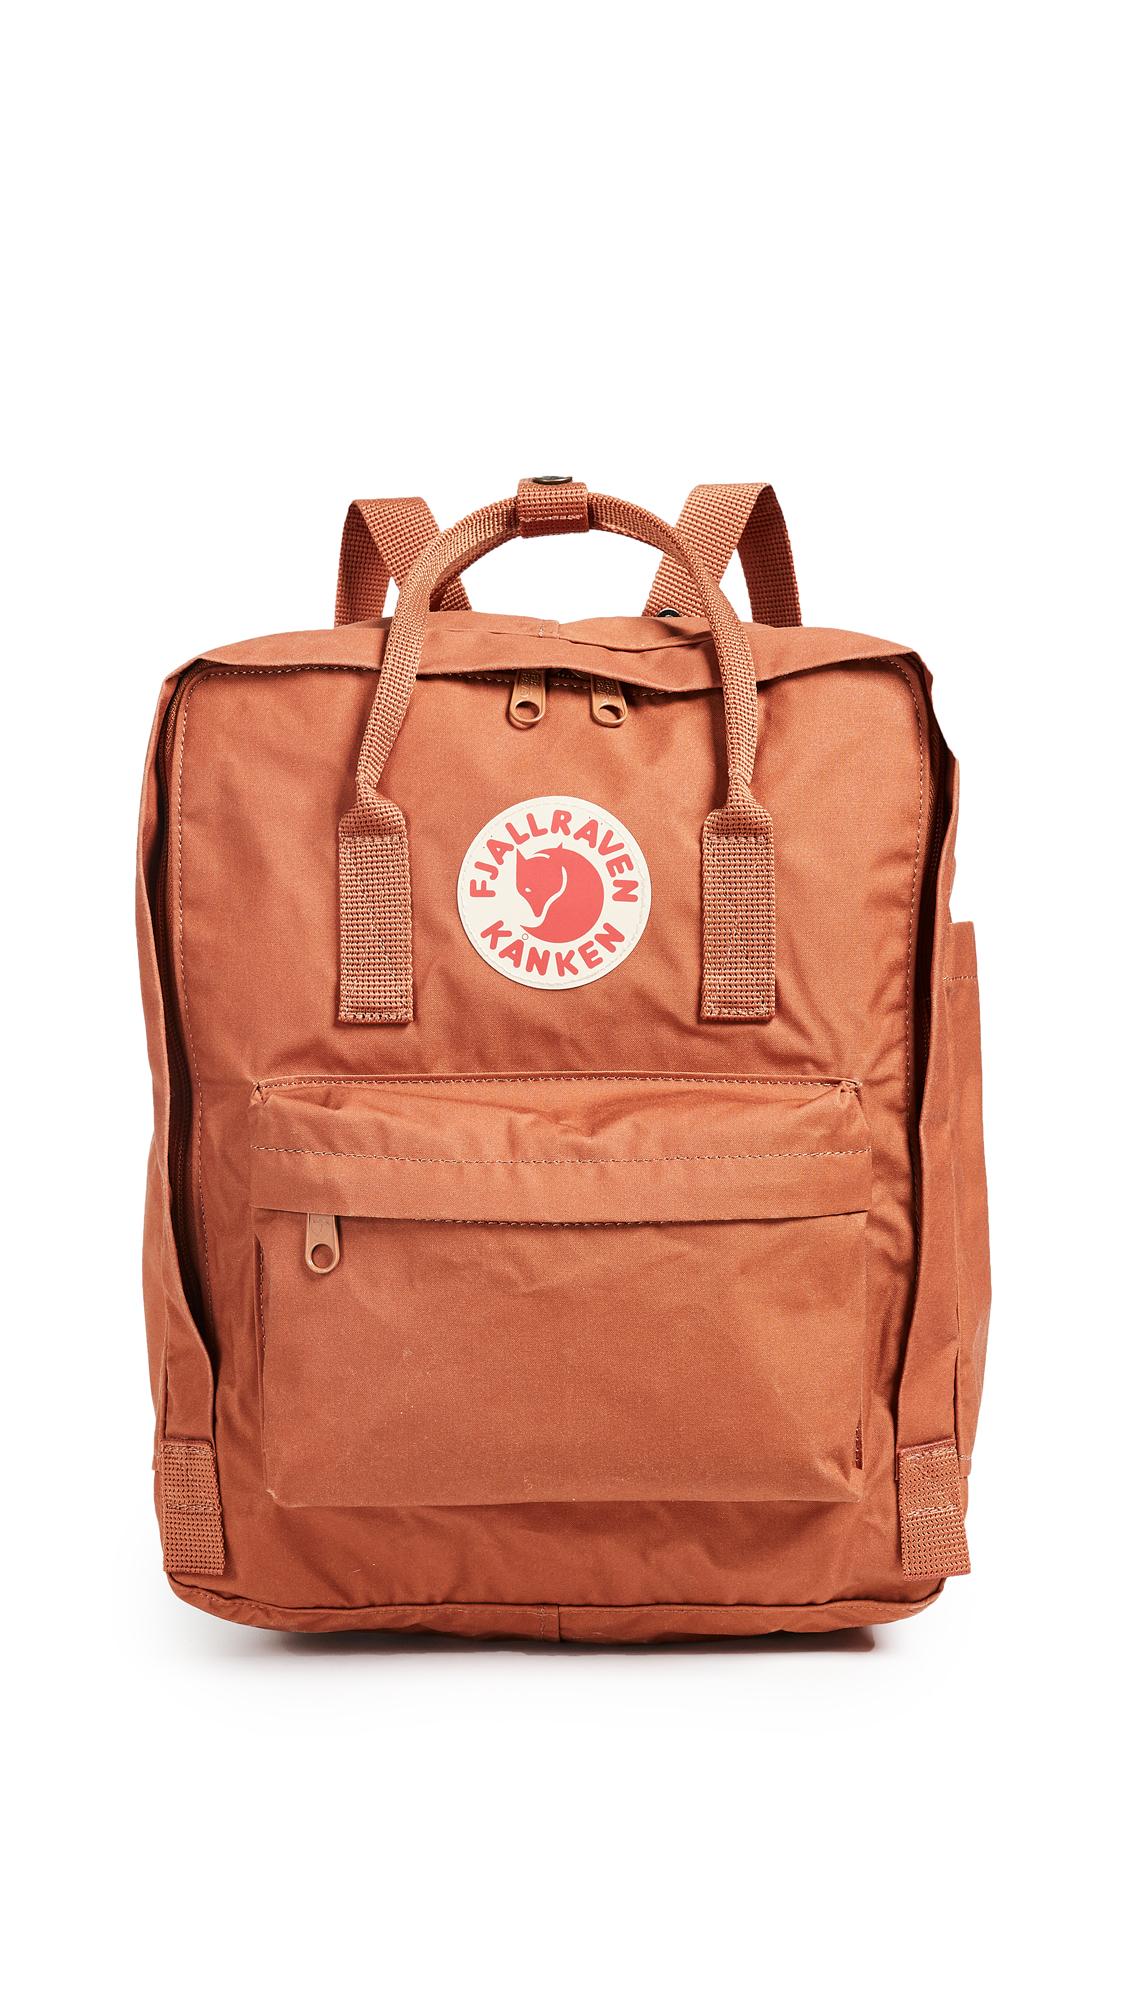 Fjallraven Kanken Backpack - Brick